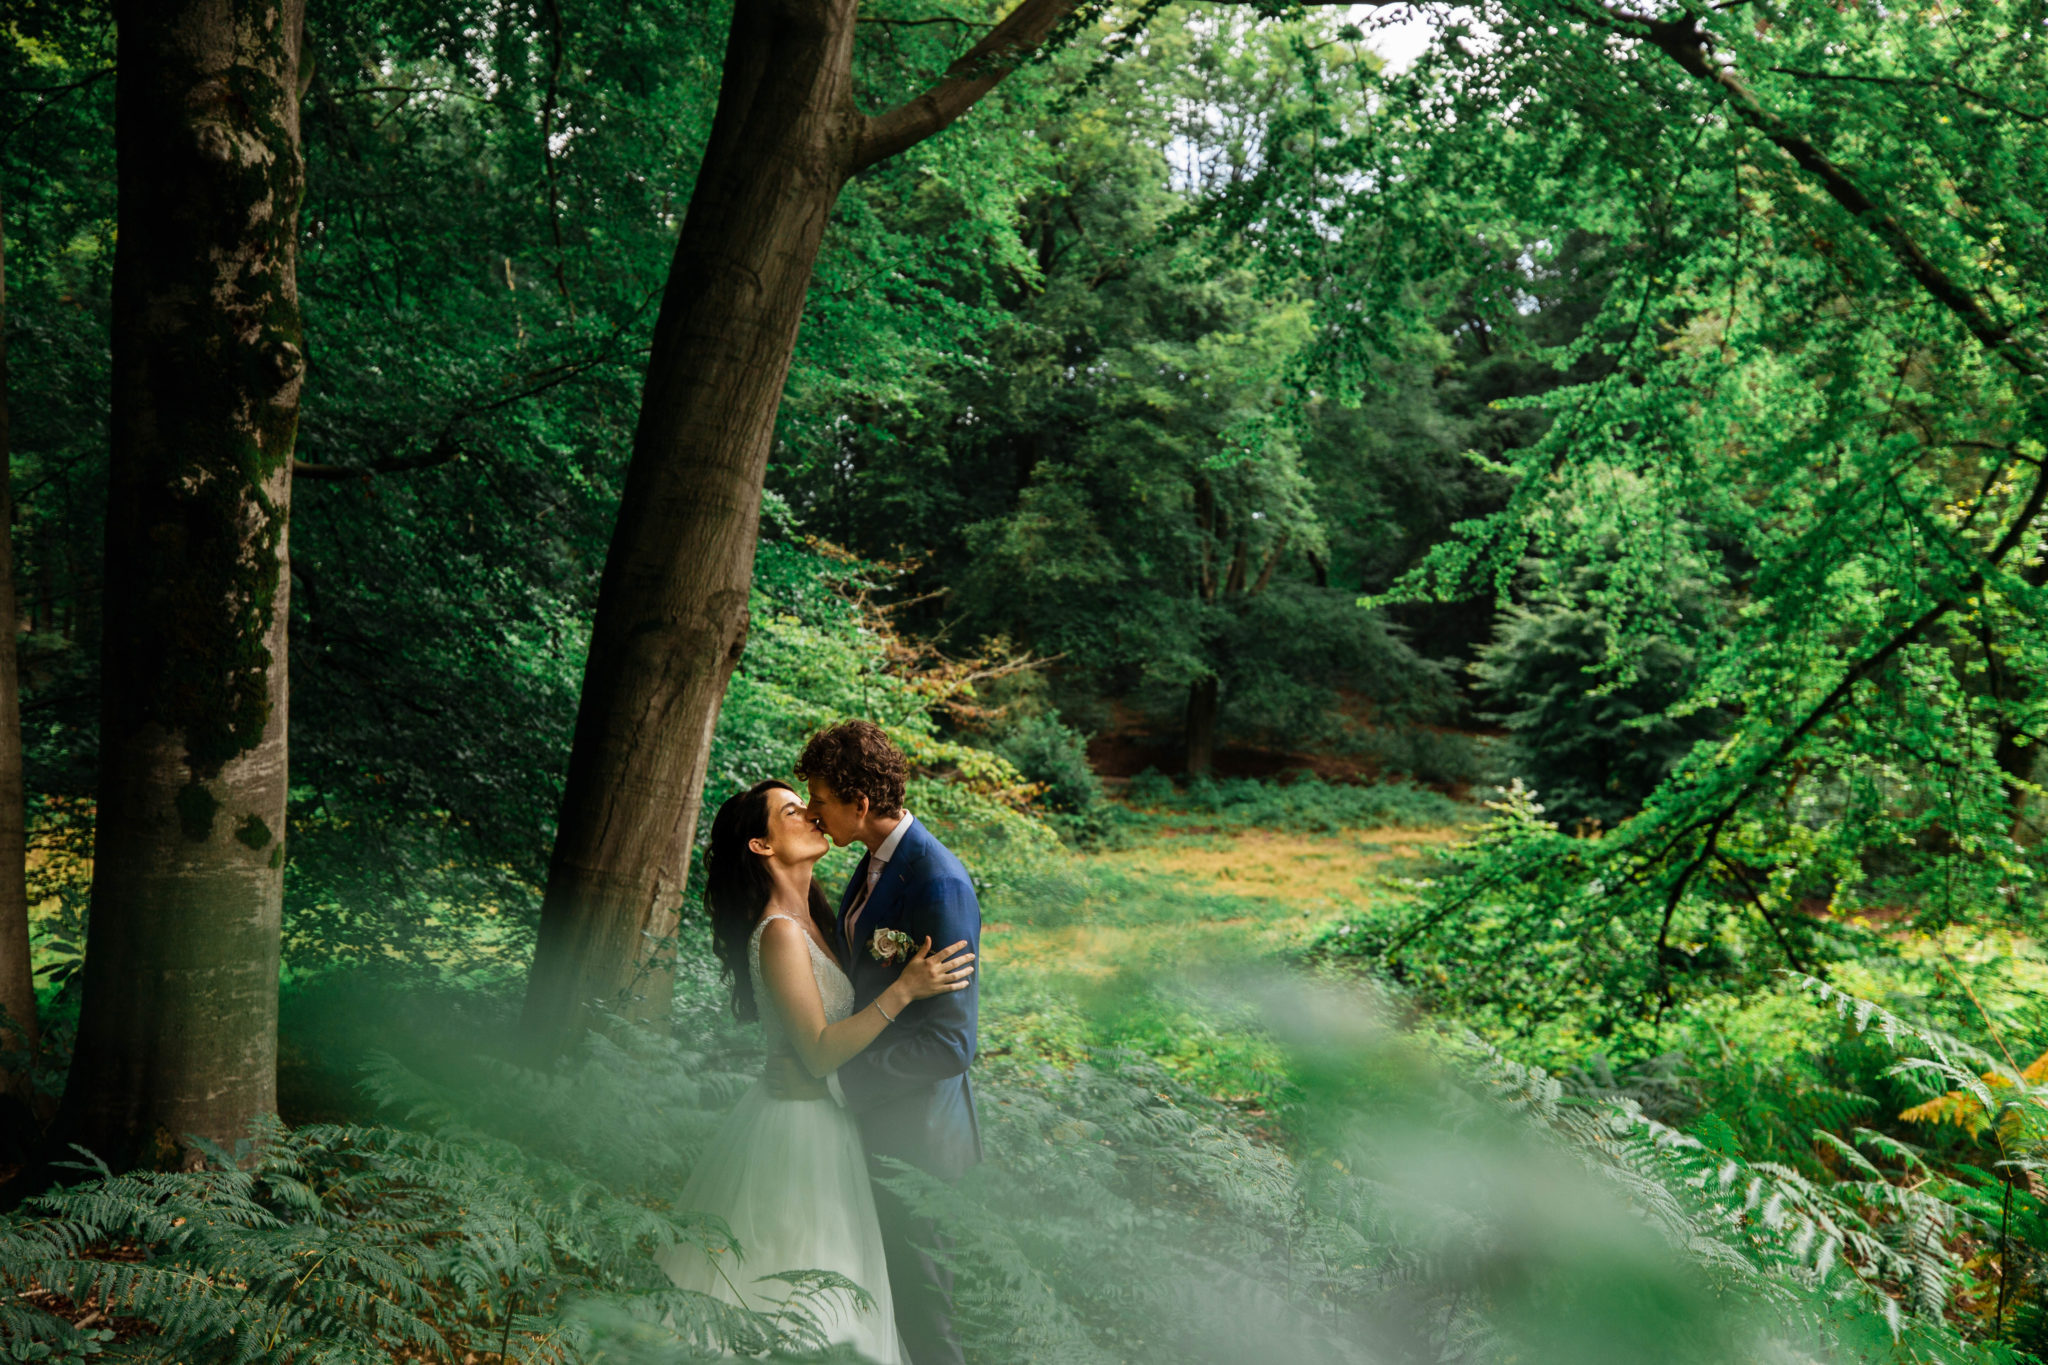 Fotoreportage in het bos op trouwdag